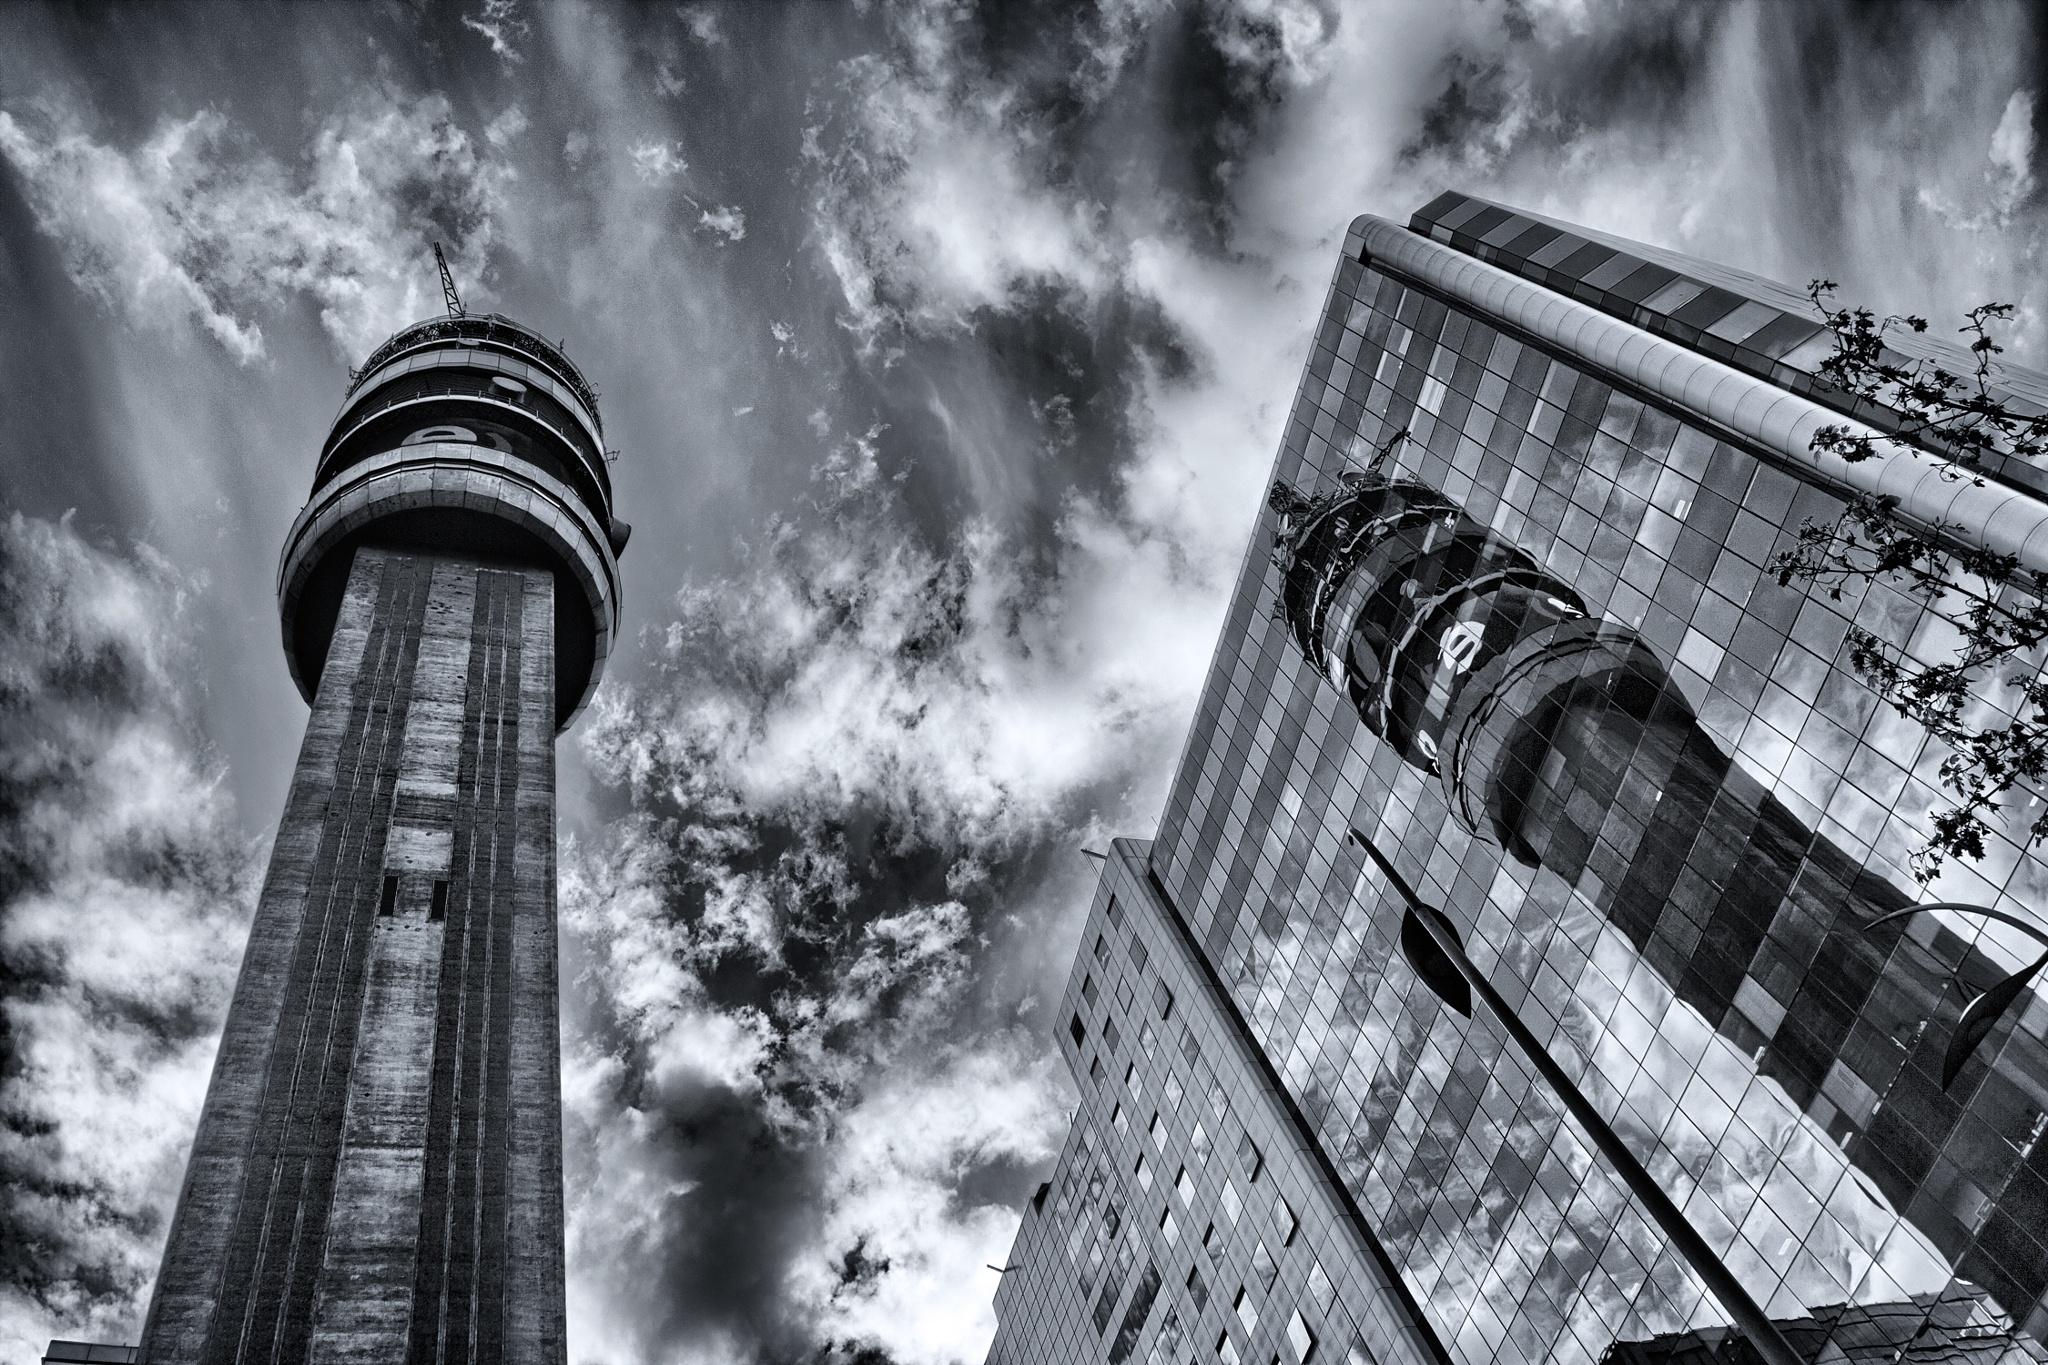 Santiago de chile - Torre Entel by Camilo Towers